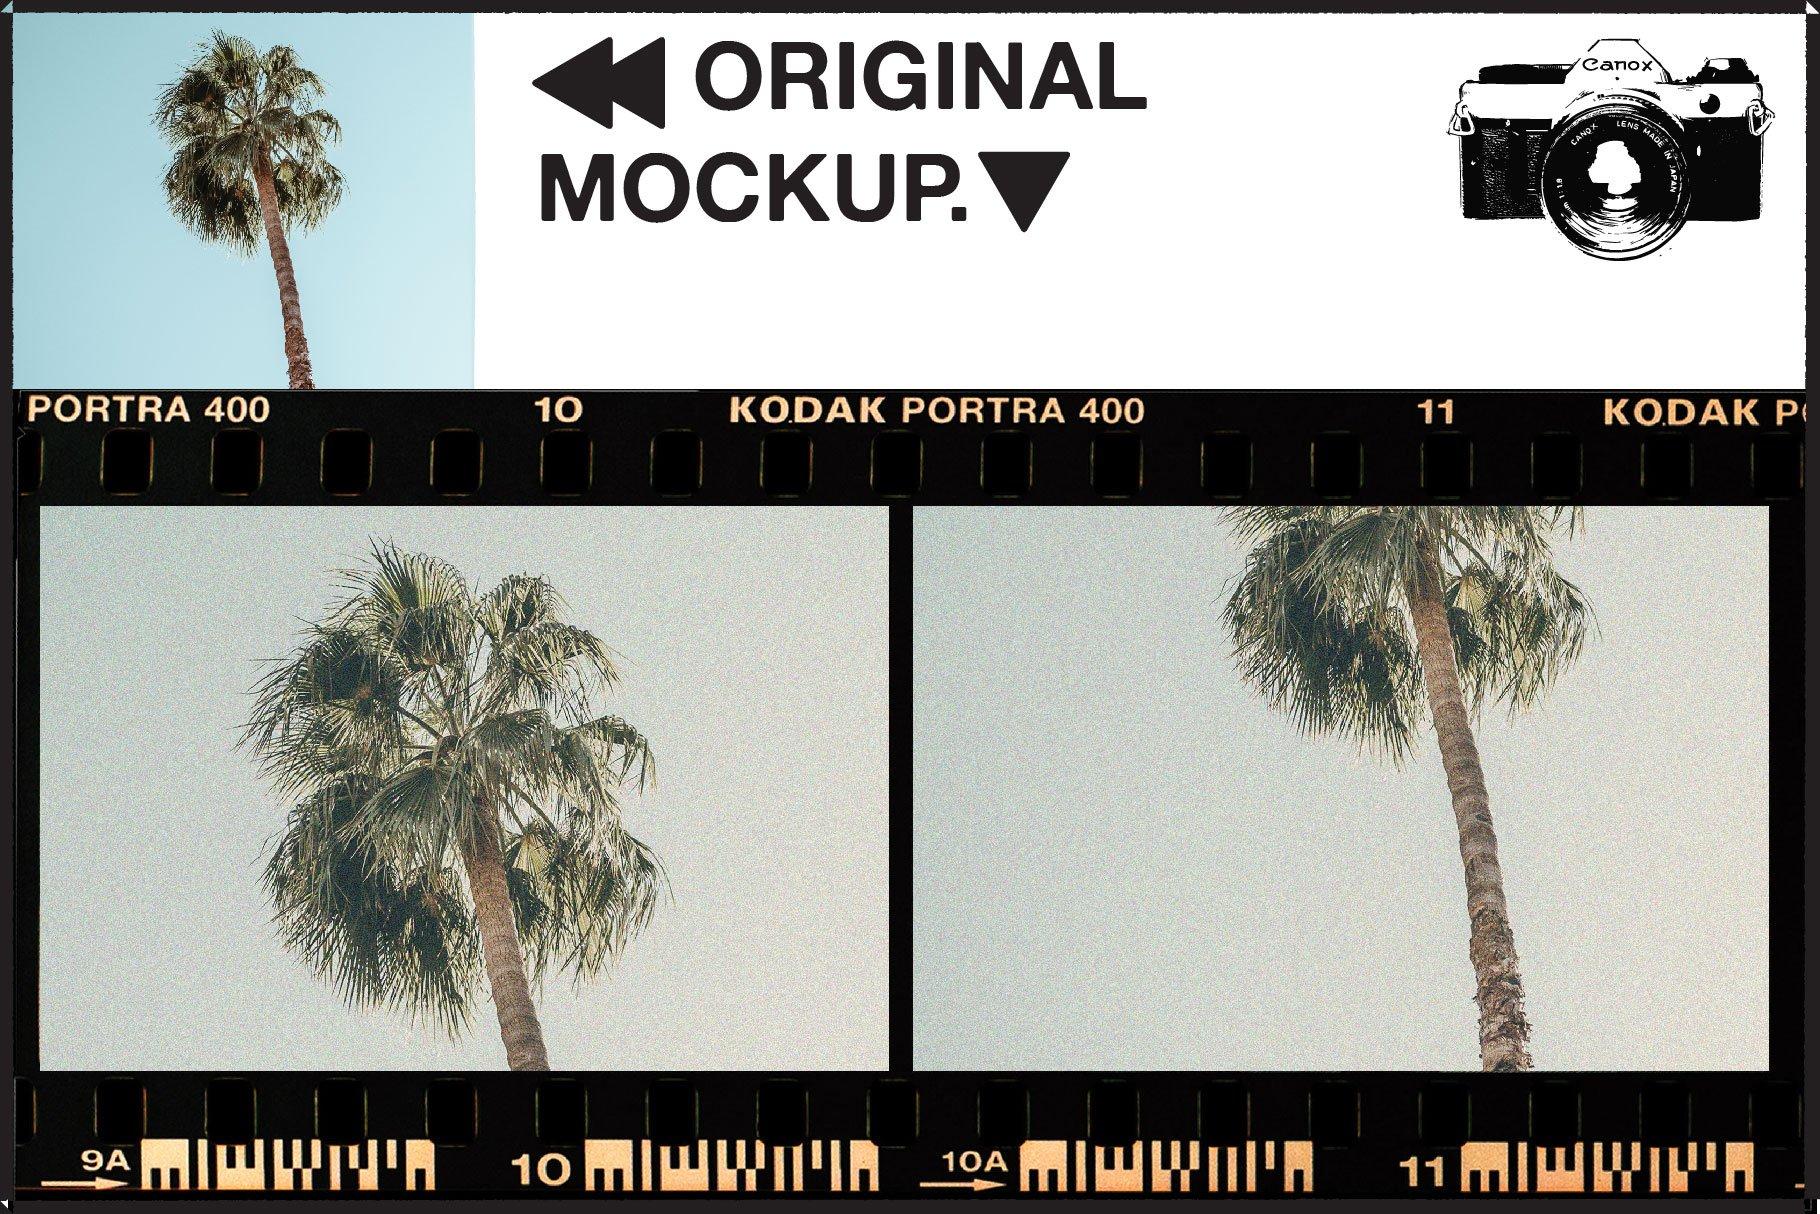 复古老式胶片胶卷边框图层叠加样机照片处理动作模板 Vintage Film Photo Mockup Bundle插图(1)